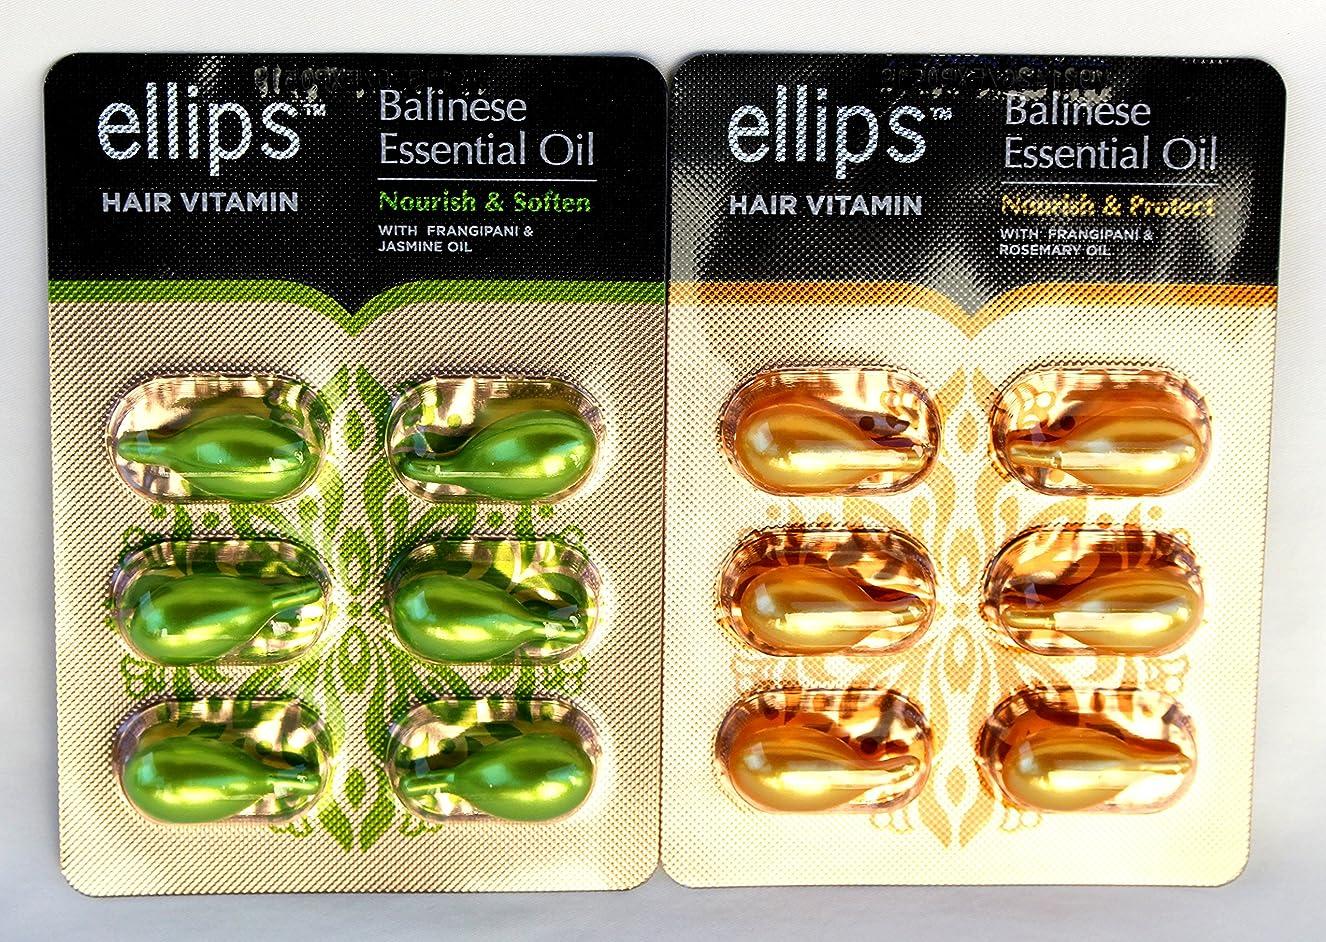 つづり一時解雇する匿名ellips エリプス Hair Vitamin ヘア ビタミン Balinese Essential Oil バリニーズ エッセンシャルオイル 配合(フランジパニ & ローズマリー + フランジパニ & ジャスミン) 各6粒入シート(2枚) [並行輸入品][海外直送品]